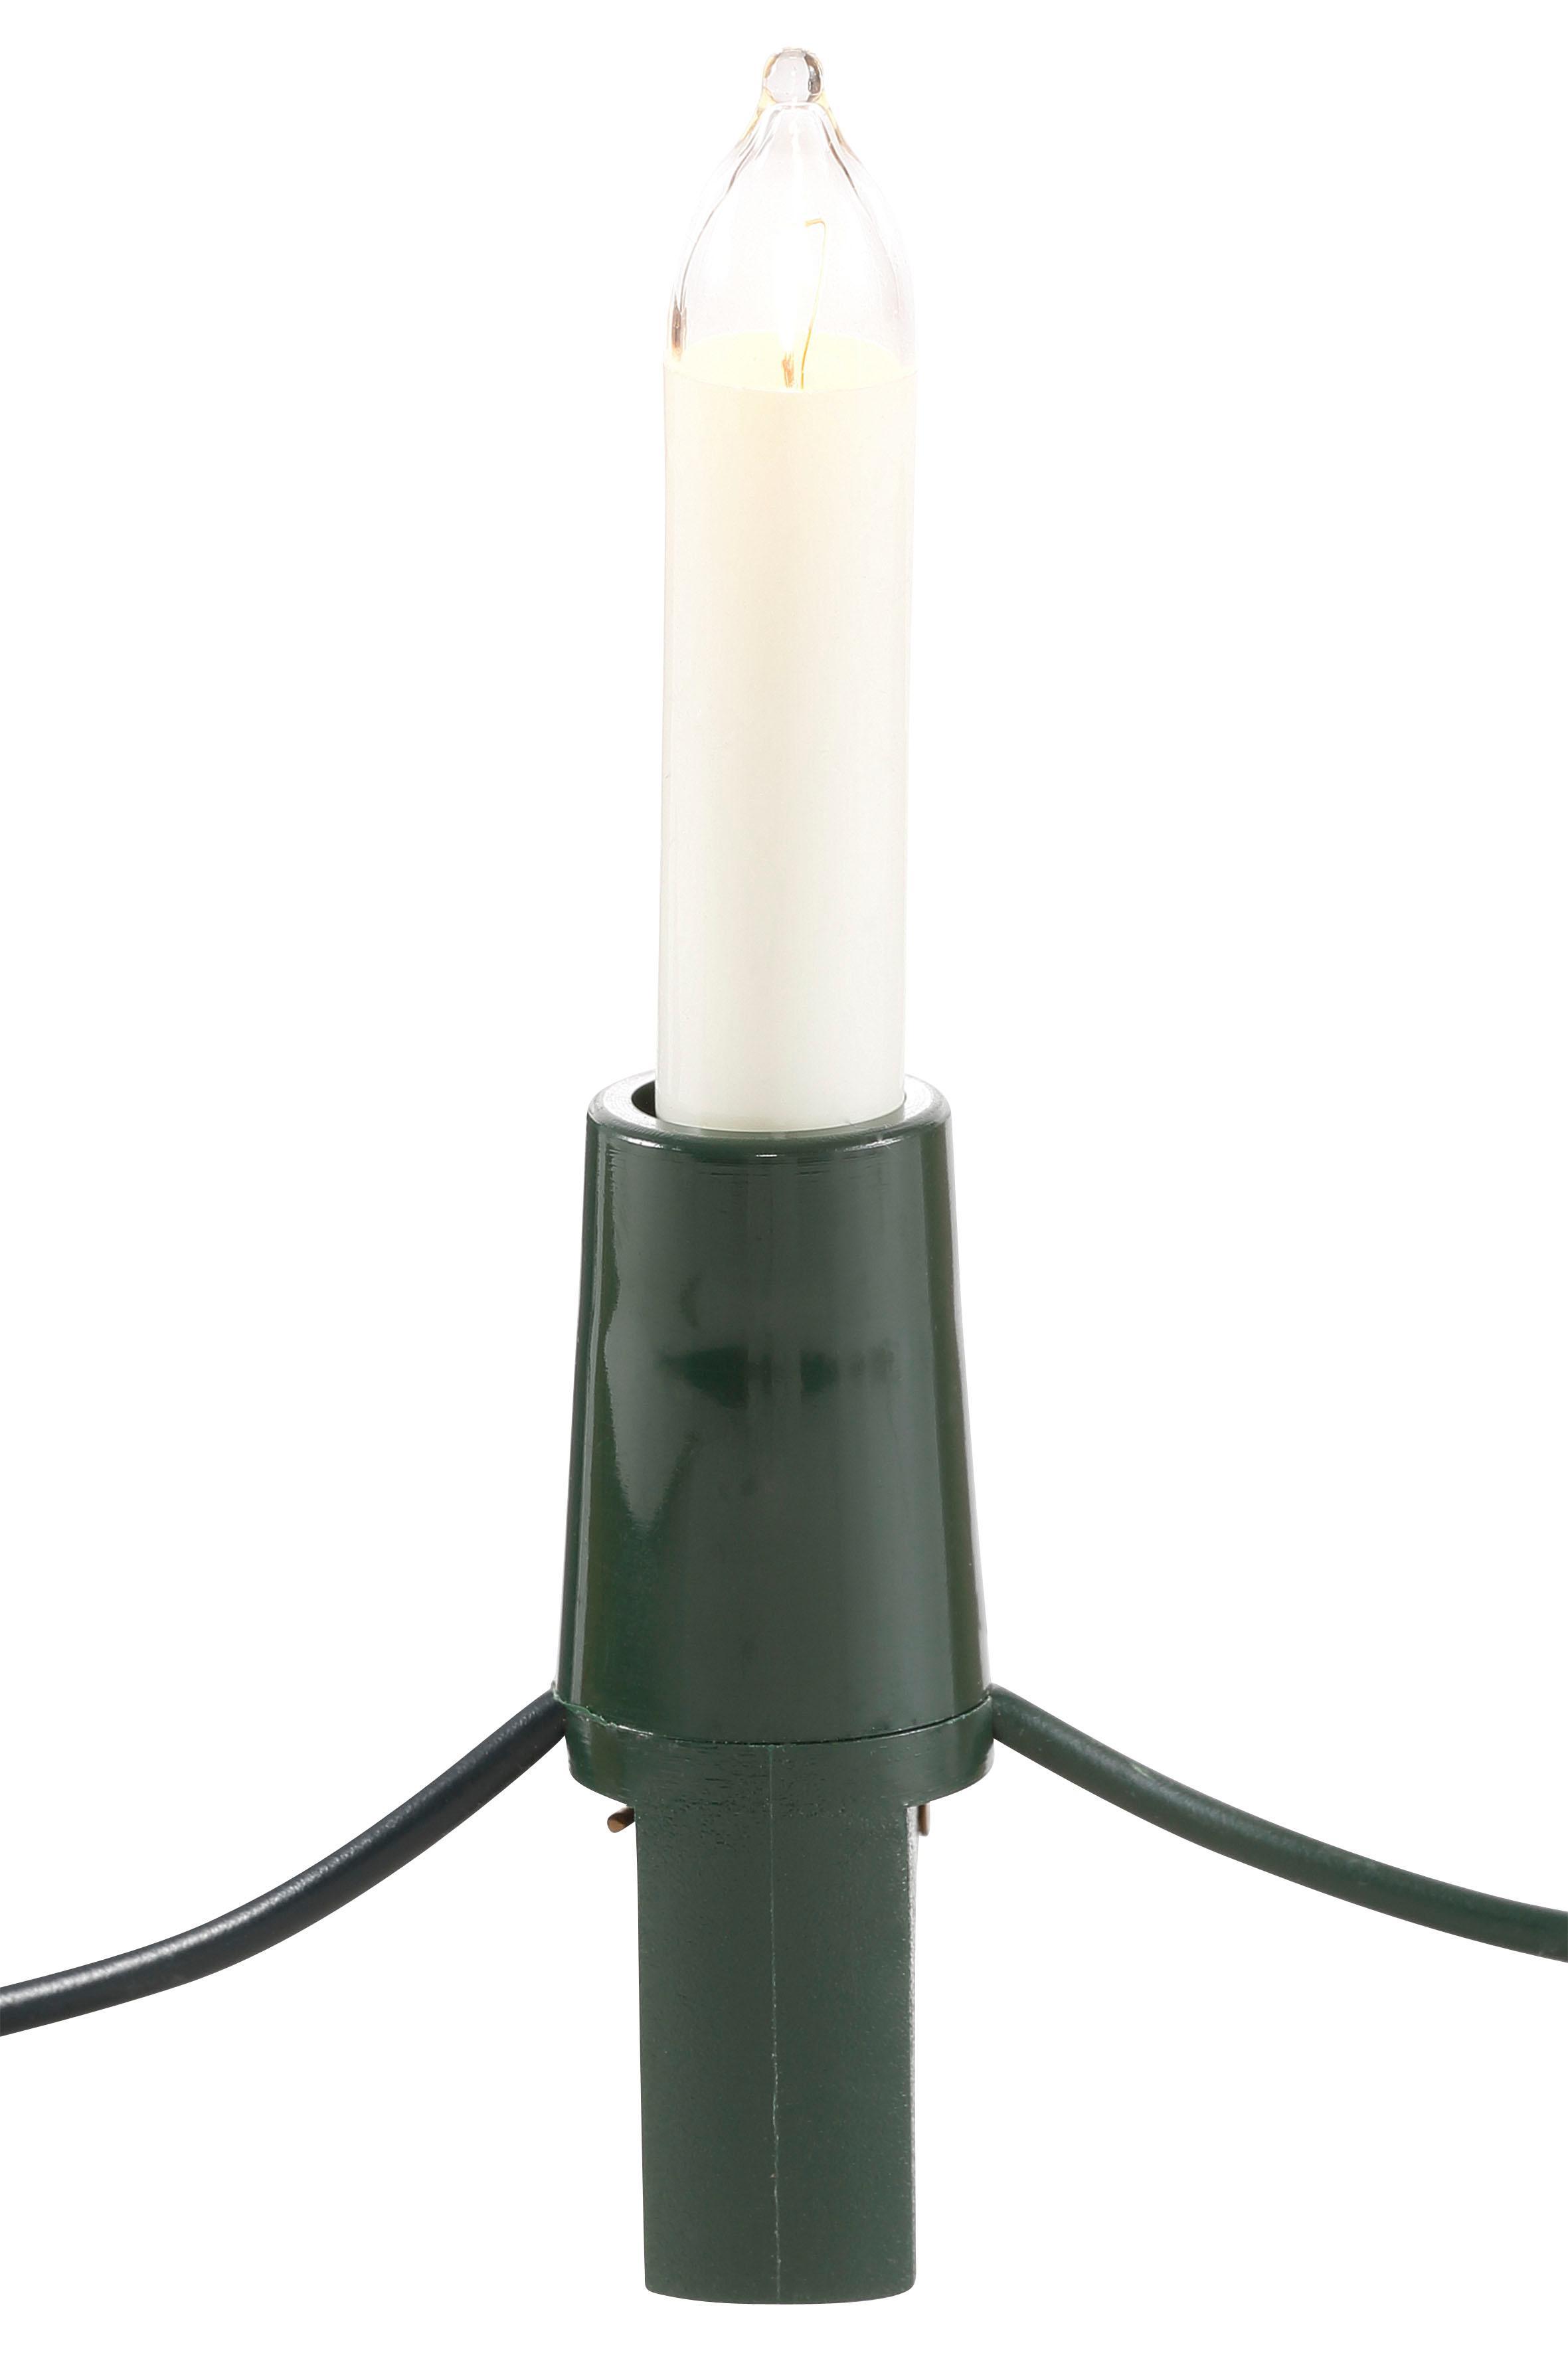 Lichterkette Christbaumlichterkette weiß Deko-Lichterketten und Lichtschlauch Dekoleuchten Lampen Leuchten Lichterketten